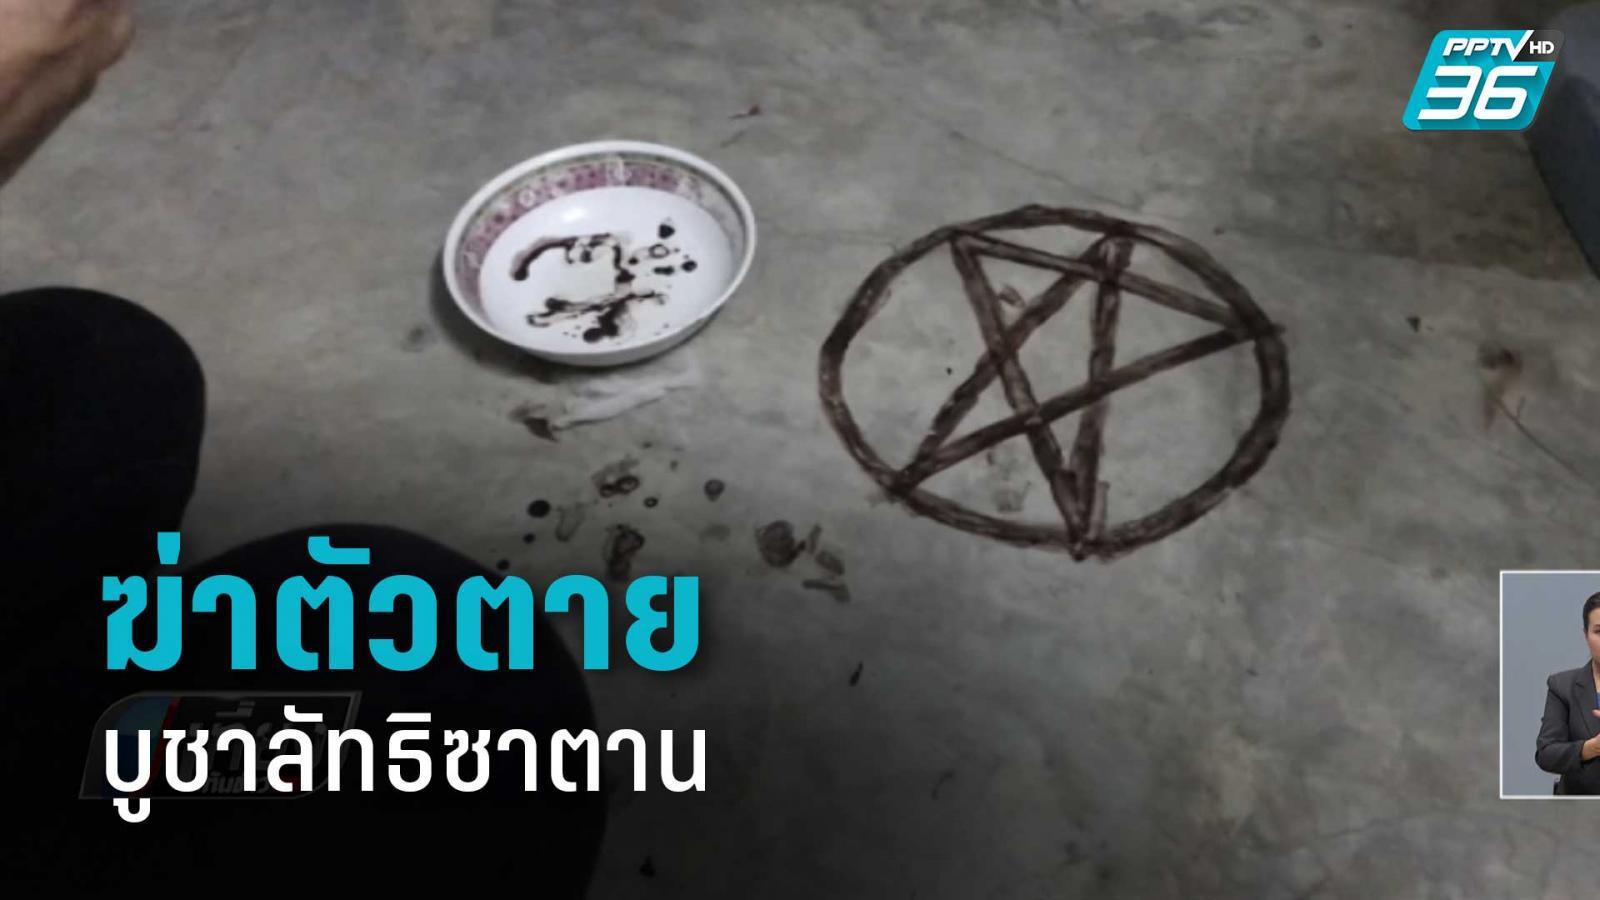 เปิดใจ !! นักเขียนไสยเวท ปมฆ่าตัวตาย บูชาลัทธิซาตาน